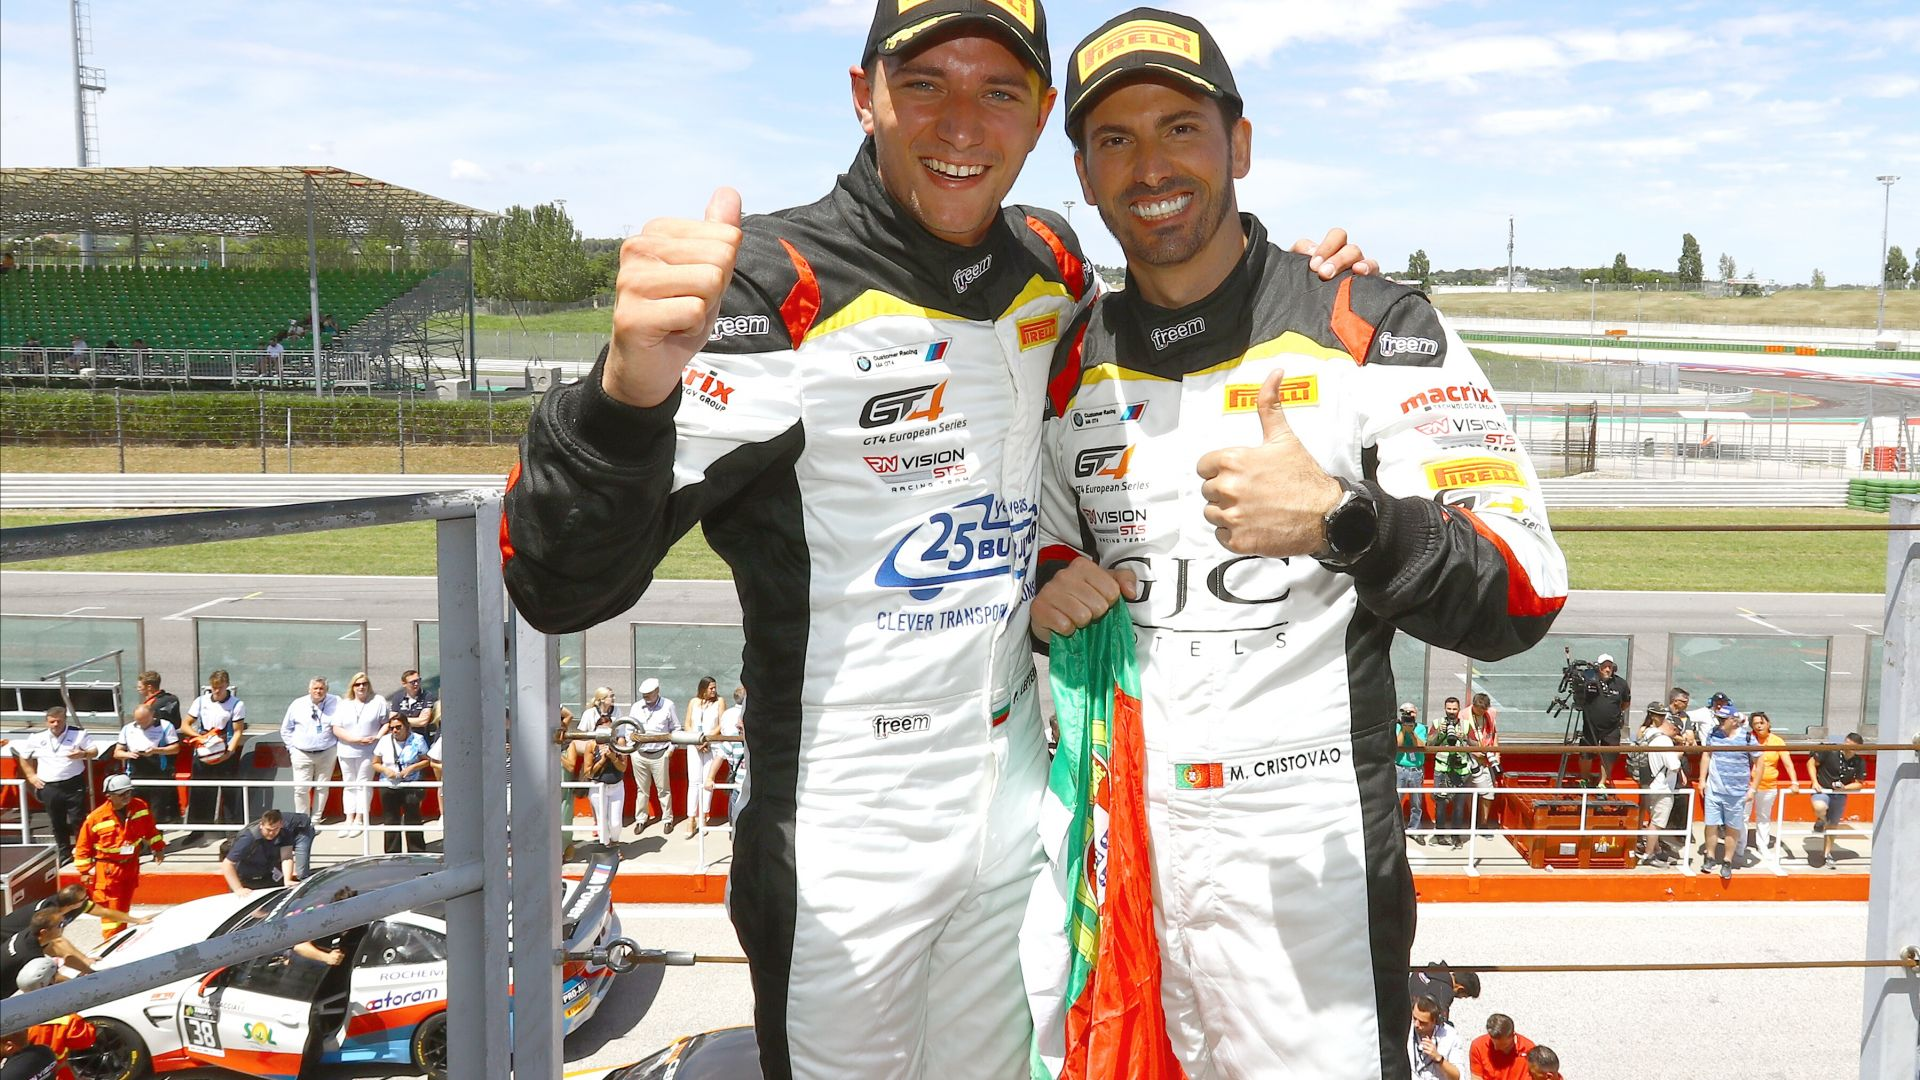 Шампионът по автомобилизъм Павел Лефтеров: За да завършиш първи, първо трябва да завършиш!